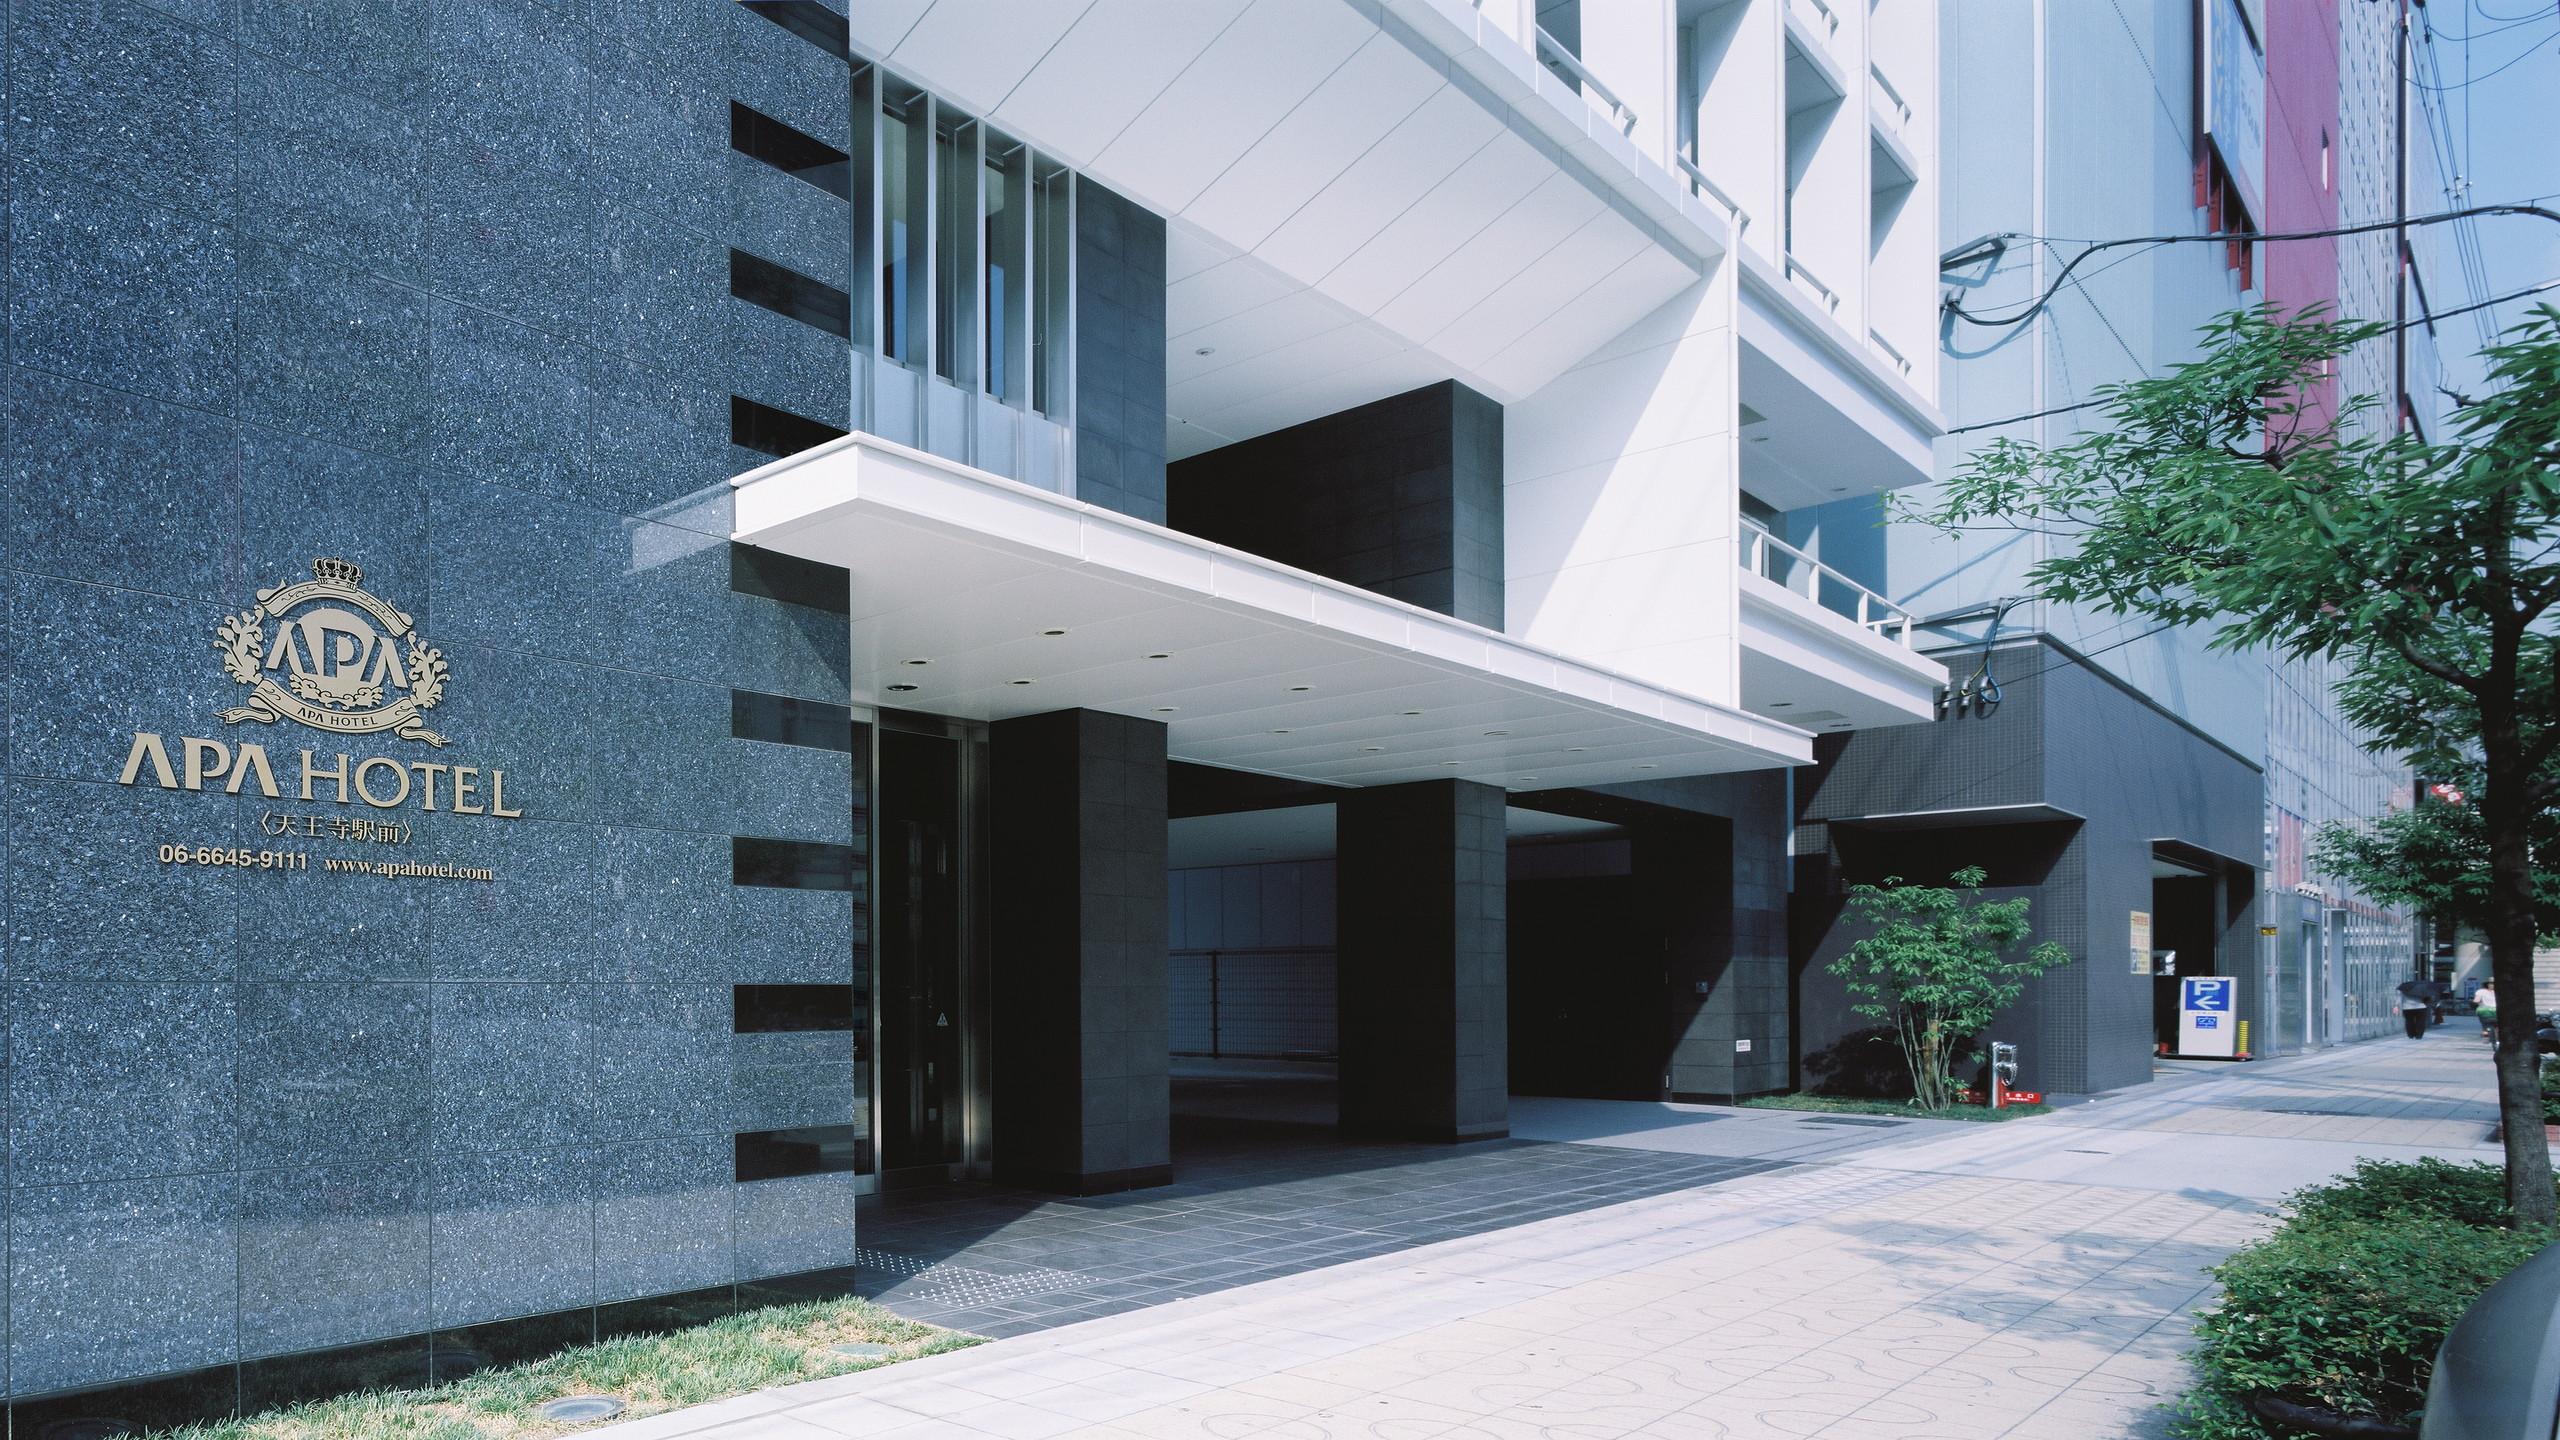 アパホテル 天王寺駅前◆楽天トラベル